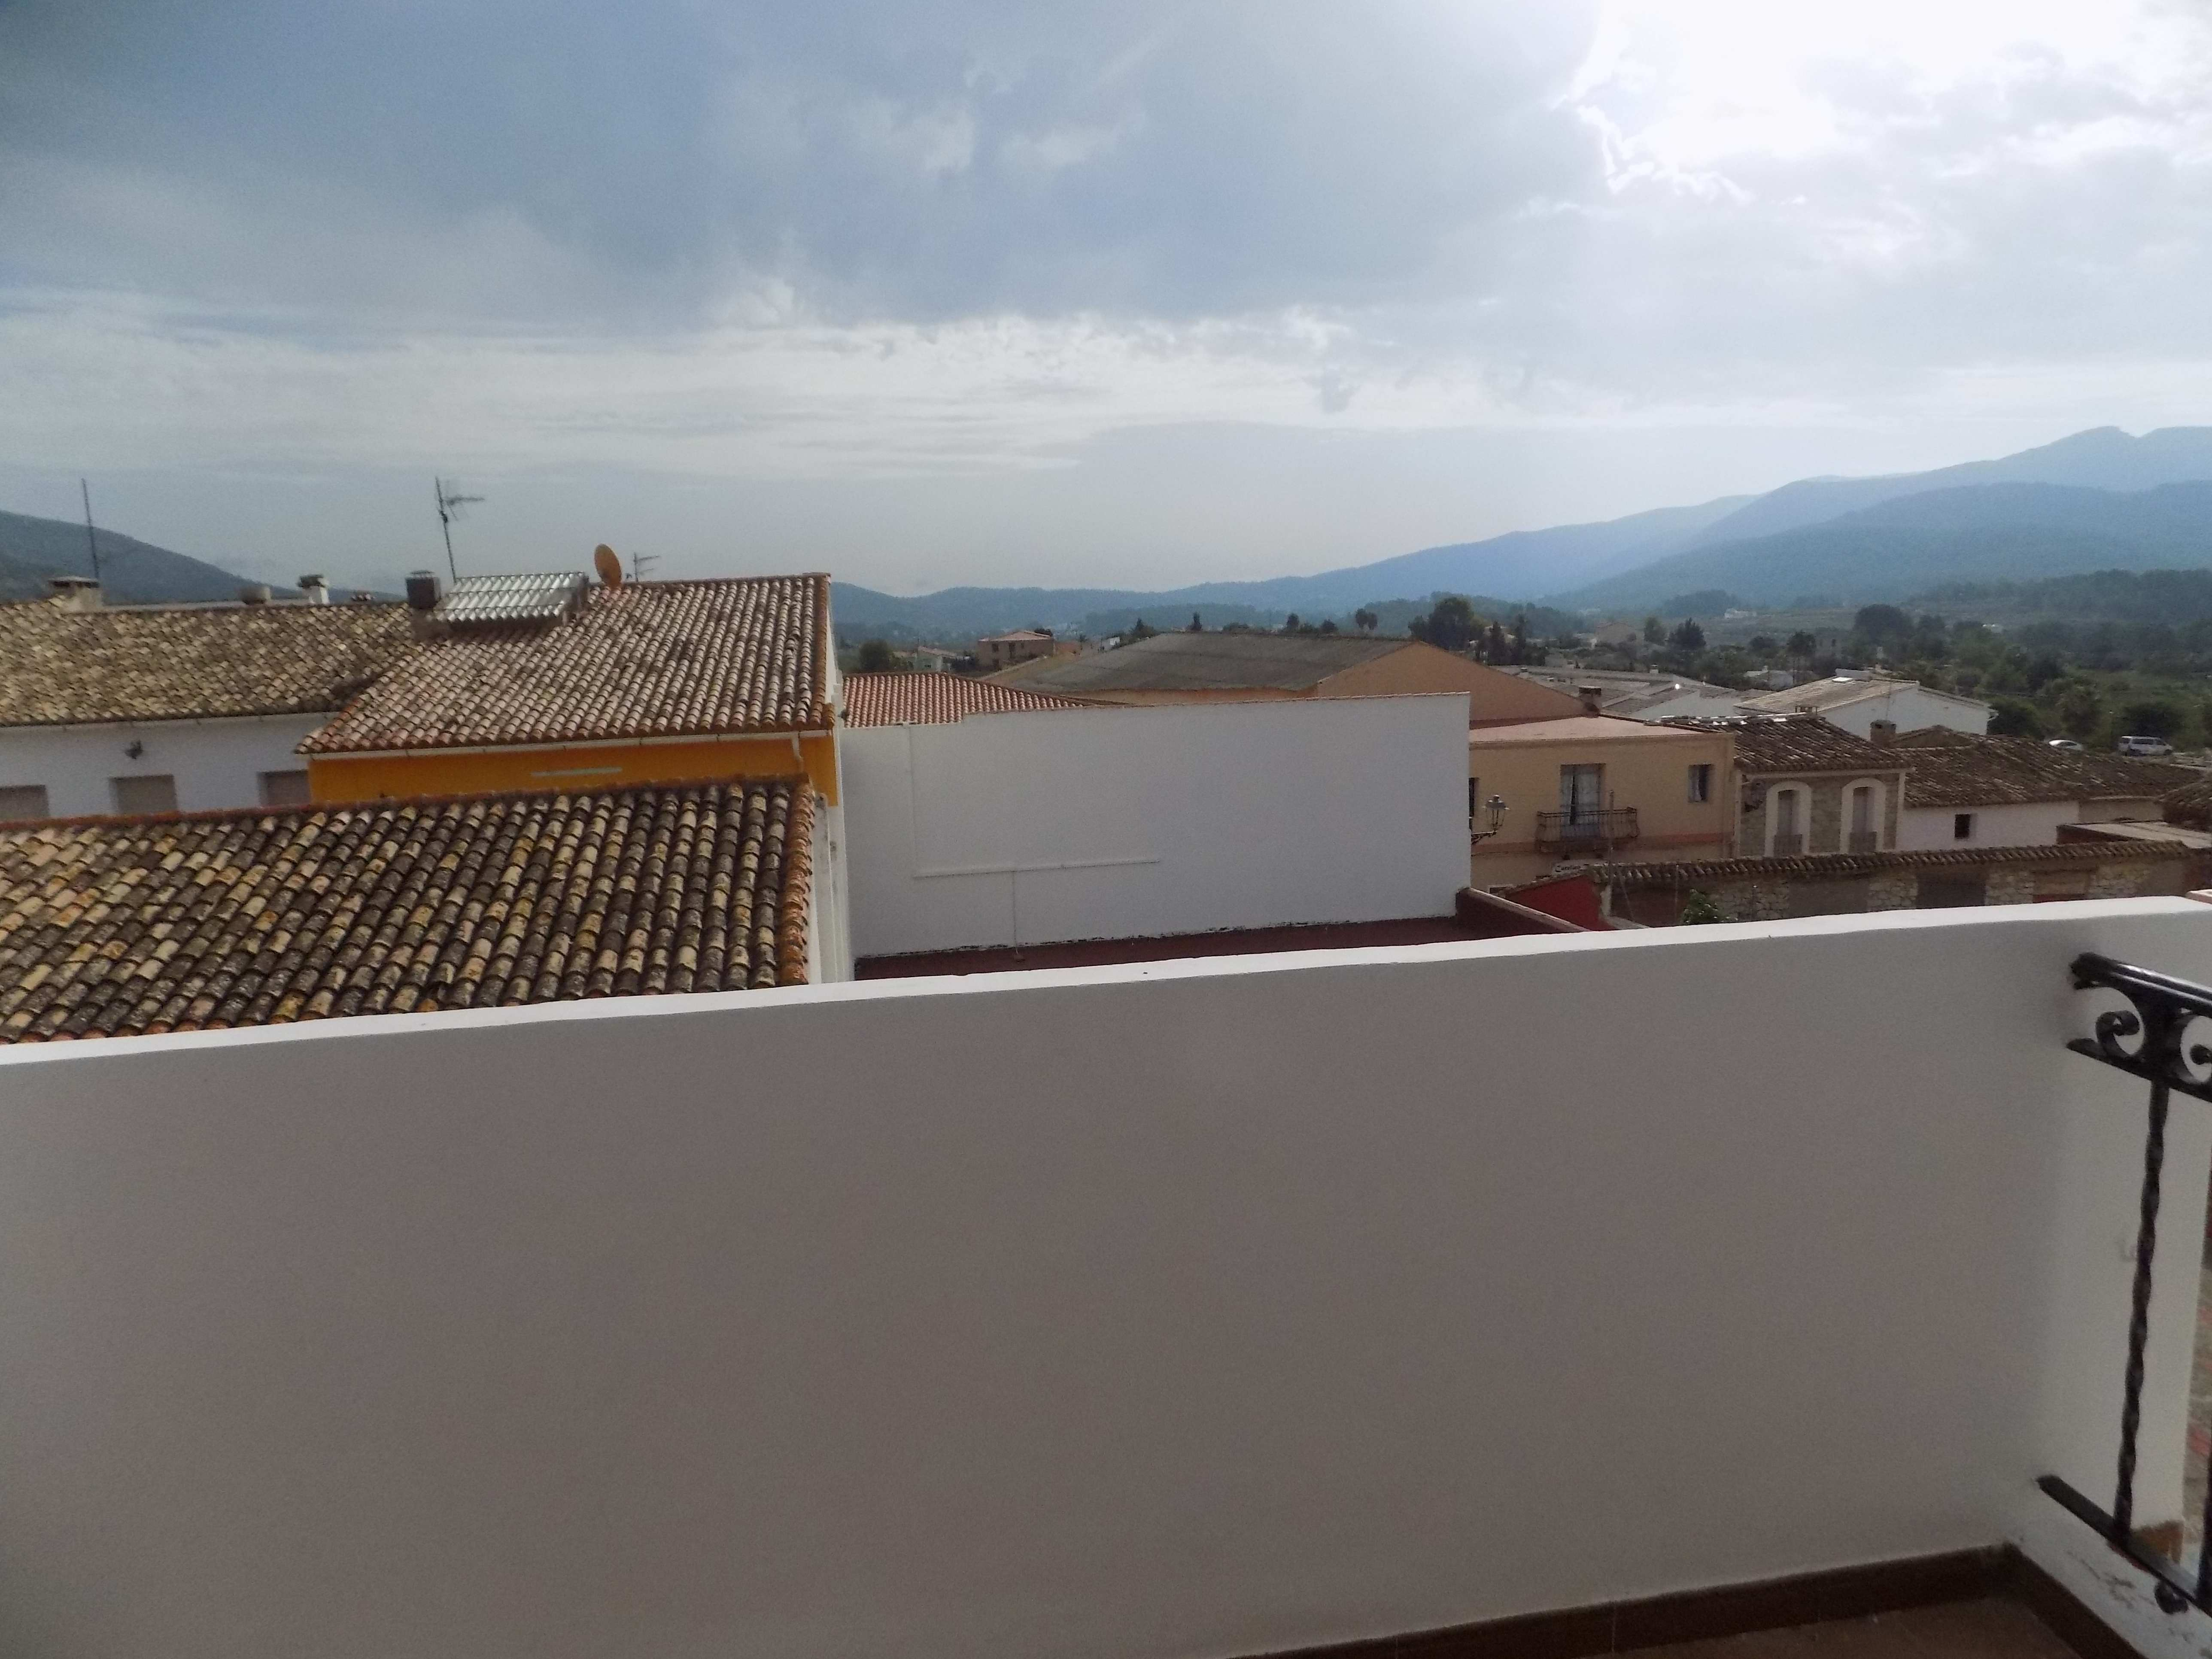 Fotogalería - 22 - GIO Inmobiliaria & Construcciones en Alcalali y Vall de Pop